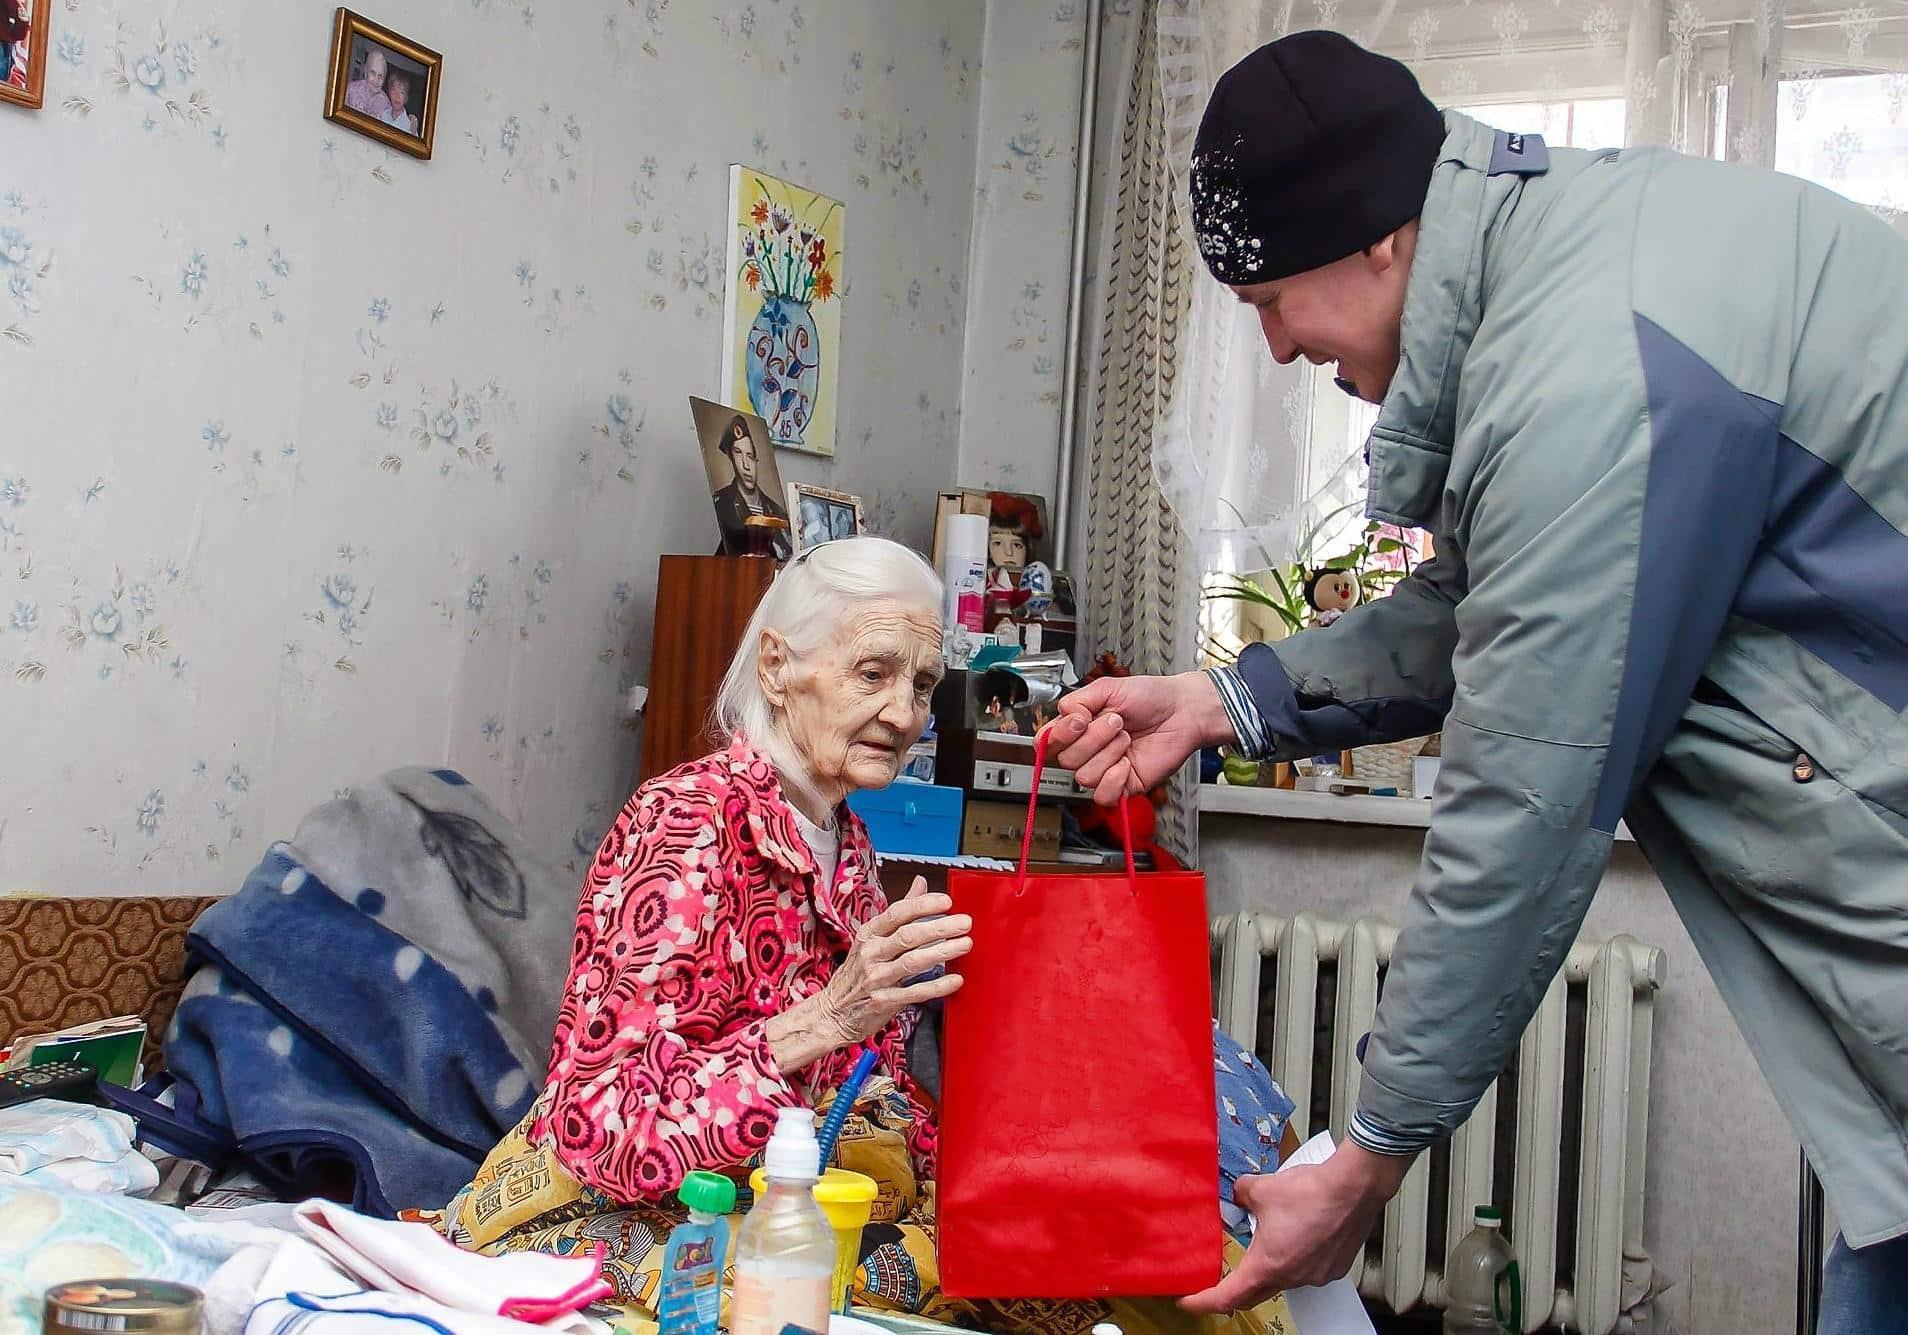 Январские пенсии выдадут досрочно: ПФР изменил график выплат перед праздниками